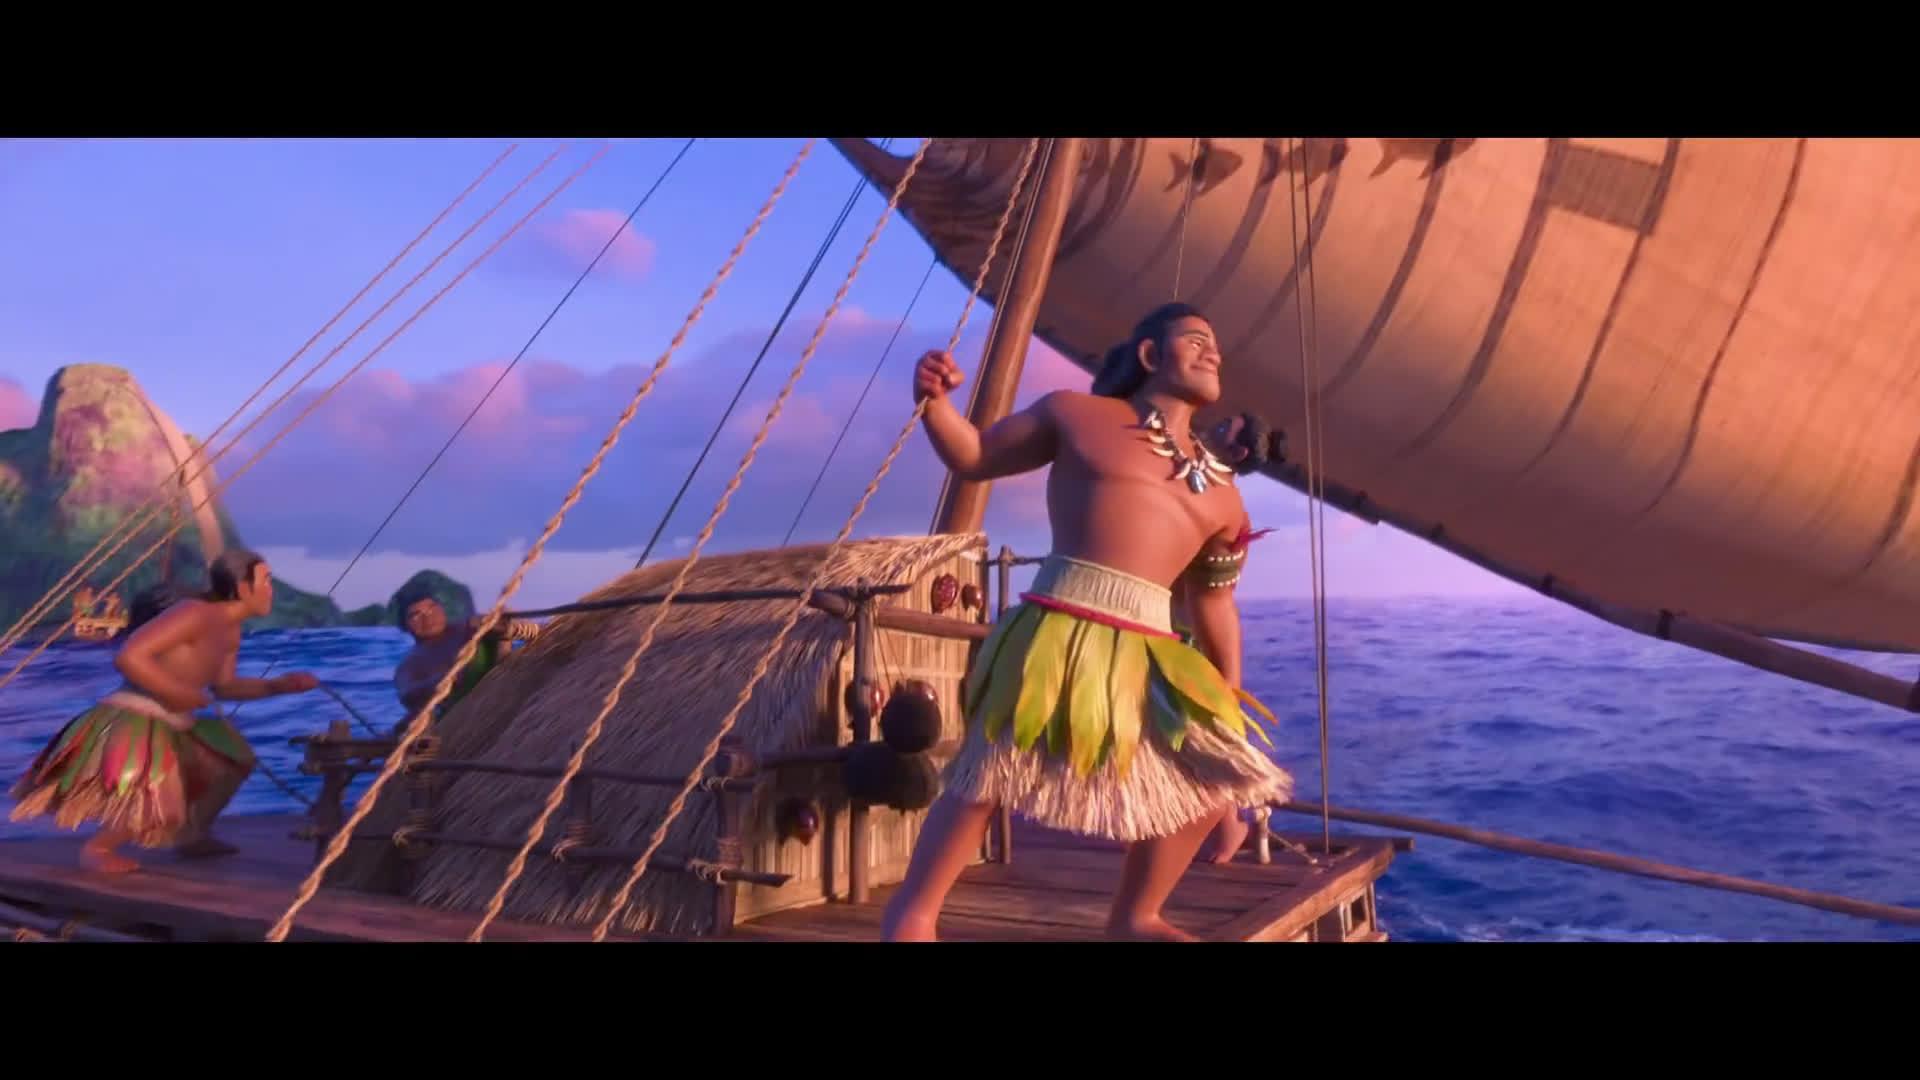 迪士尼发布了《海洋奇缘》歌曲We Know The Way的跟唱版视频